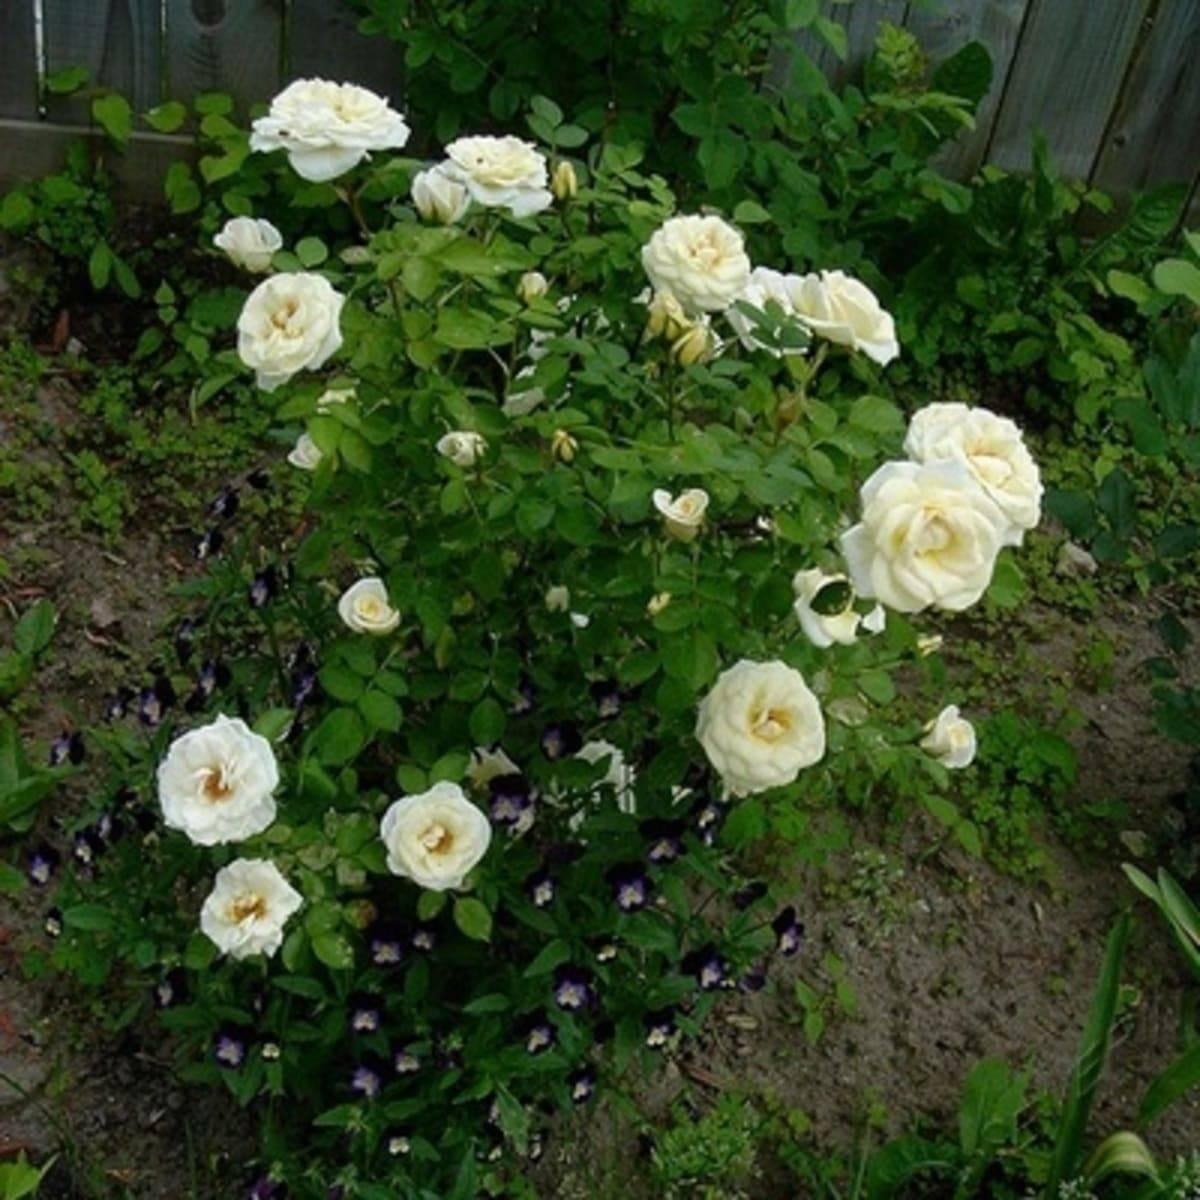 Техника выращивания чайно-гибридной розы мэри энн: посадка и уход за цветком